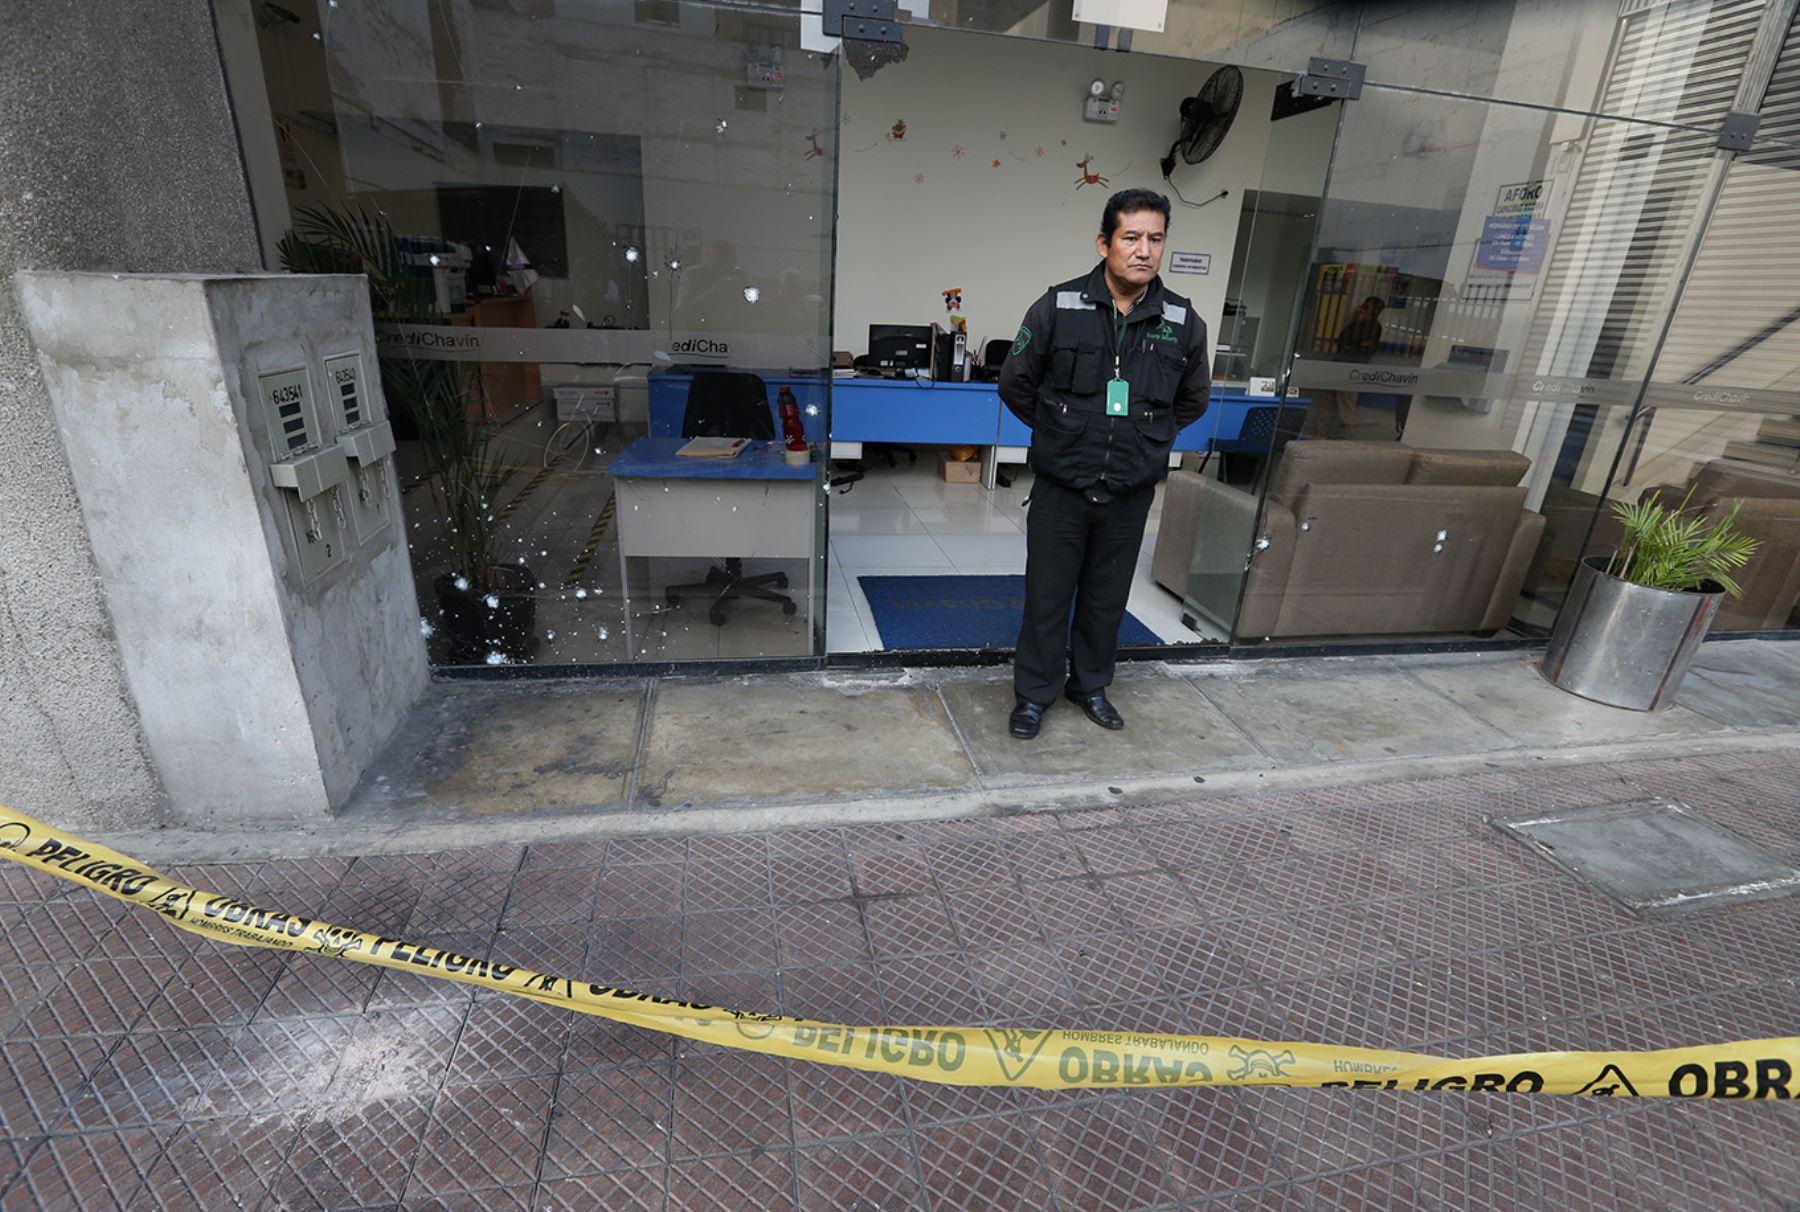 LIMA,PERÚ-MAYO 25.Explosión de granada en calle Tarata alarma a vecinos de Miraflores.Foto:ANDINA/Norman Cordova